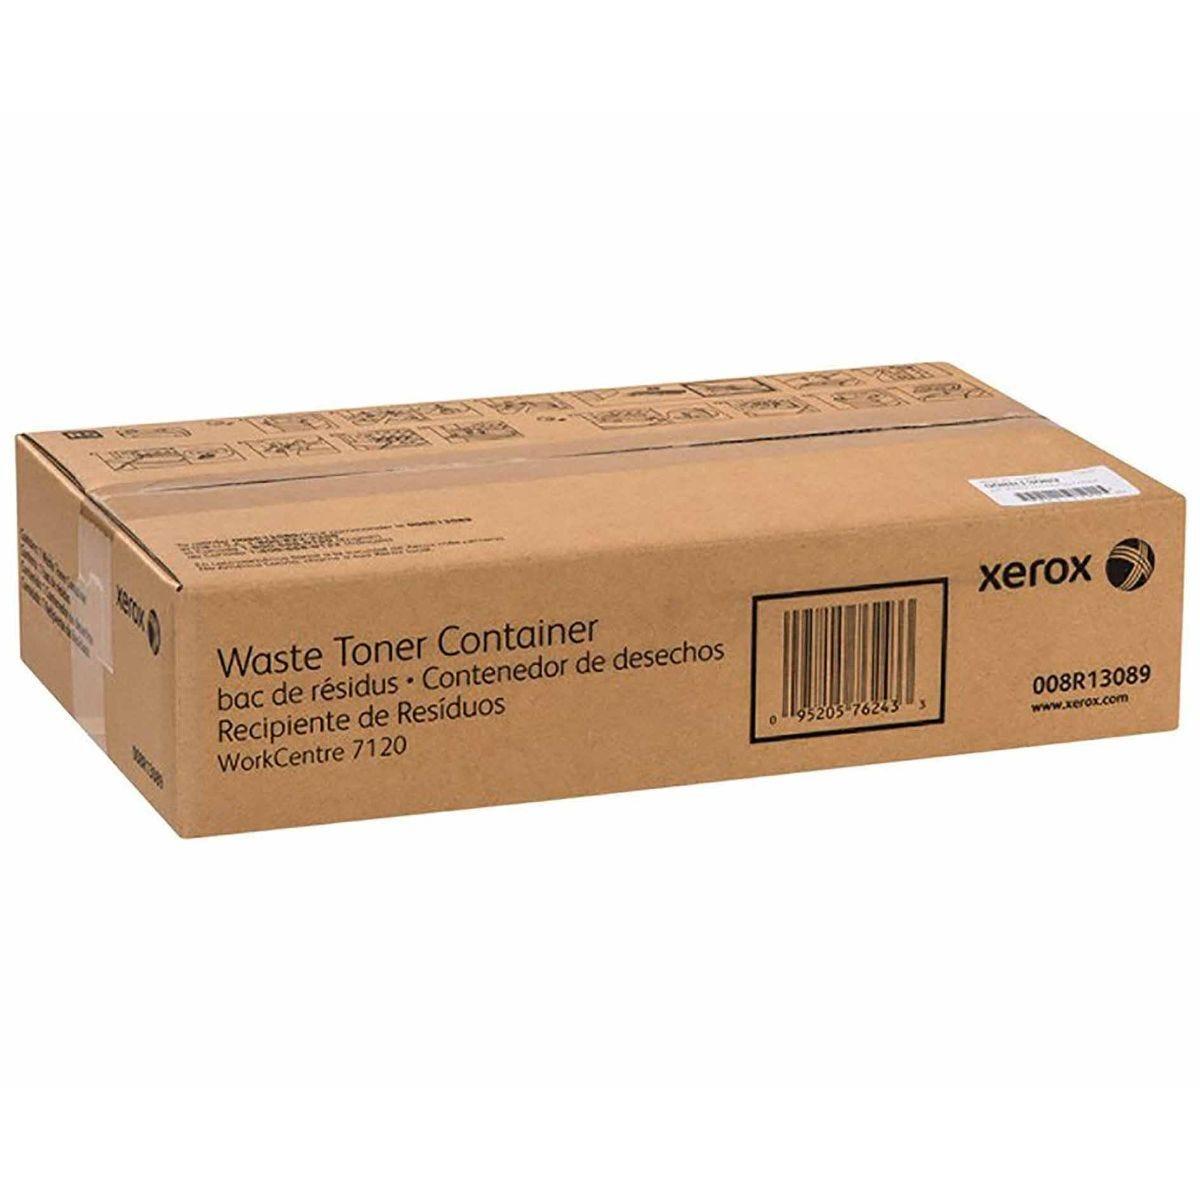 Xerox 7120 Waste Cartridge